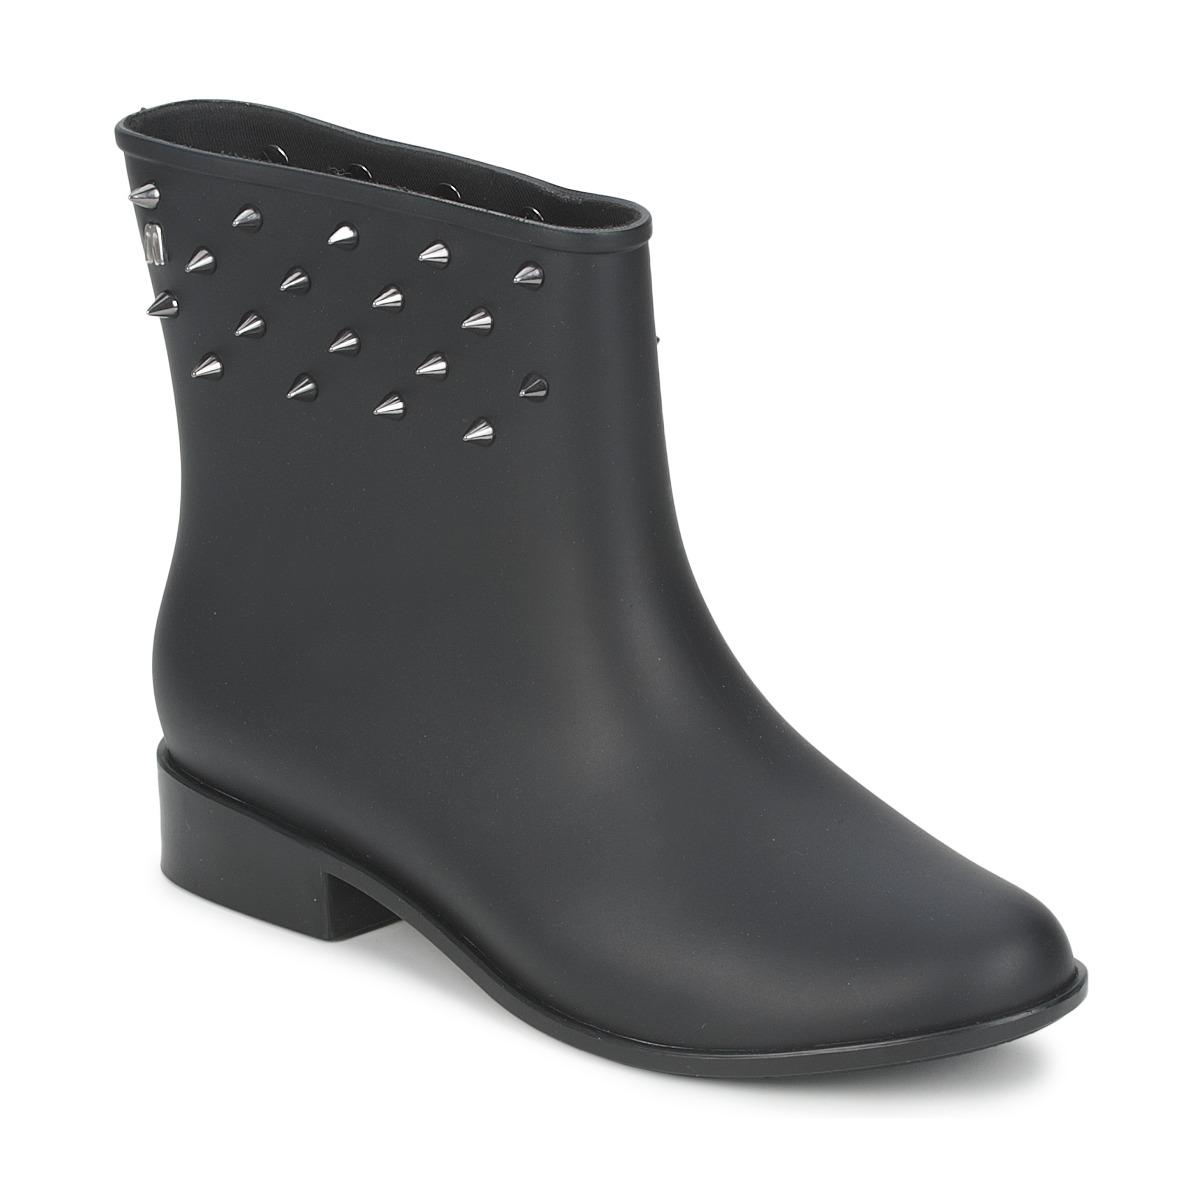 Melissa MOON DUST SPIKE Noir - Livraison Gratuite avec  - Chaussures Boot Femme